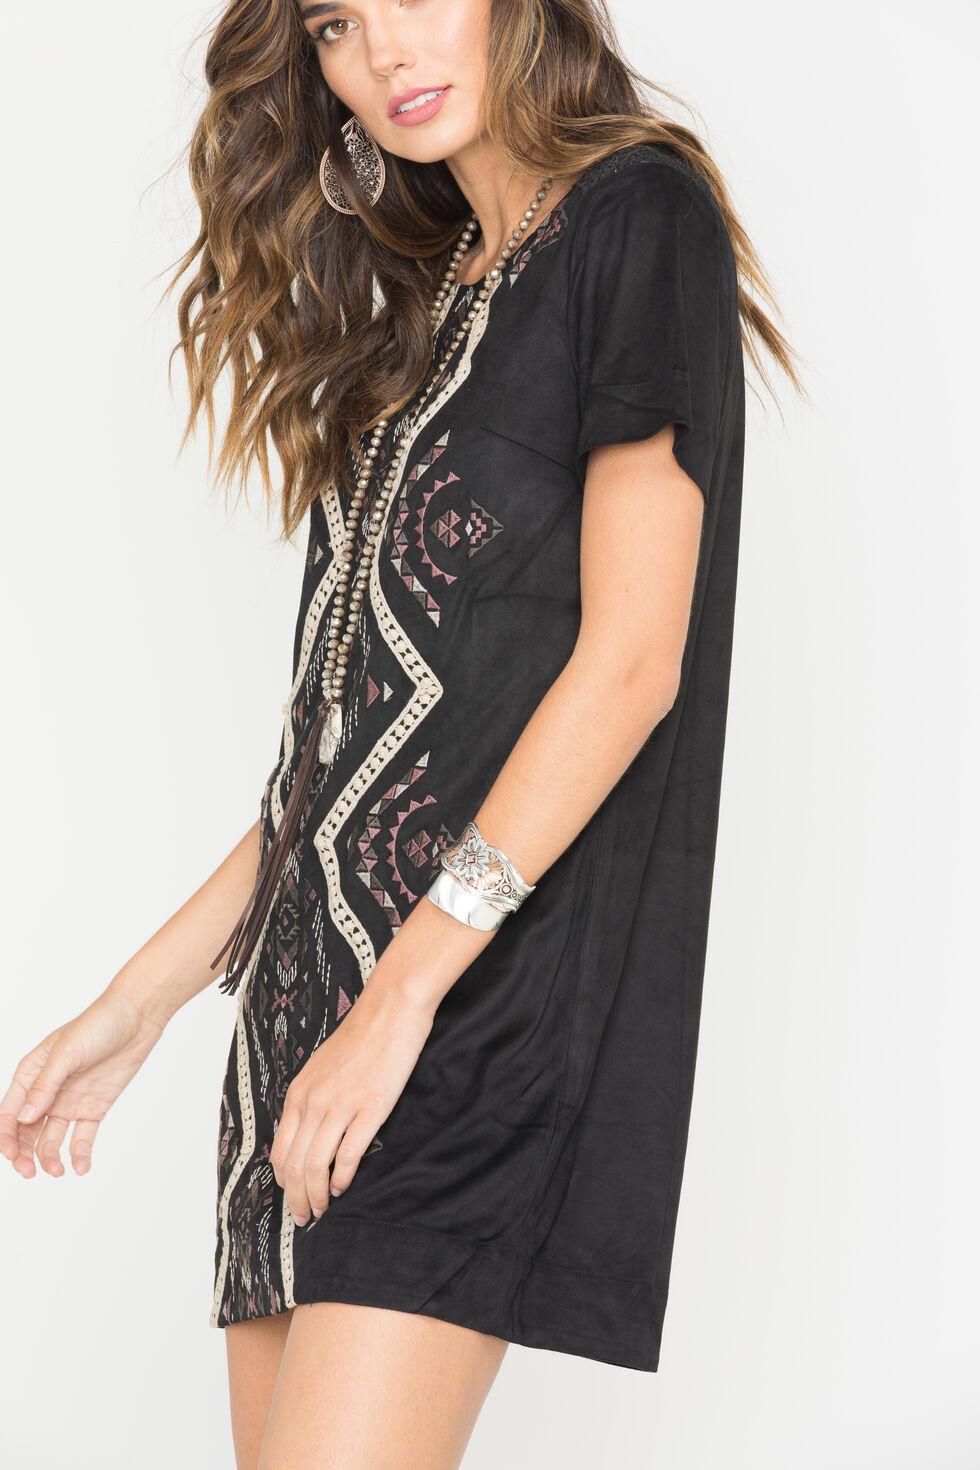 Miss Me Change of Heart Dress, Black, hi-res